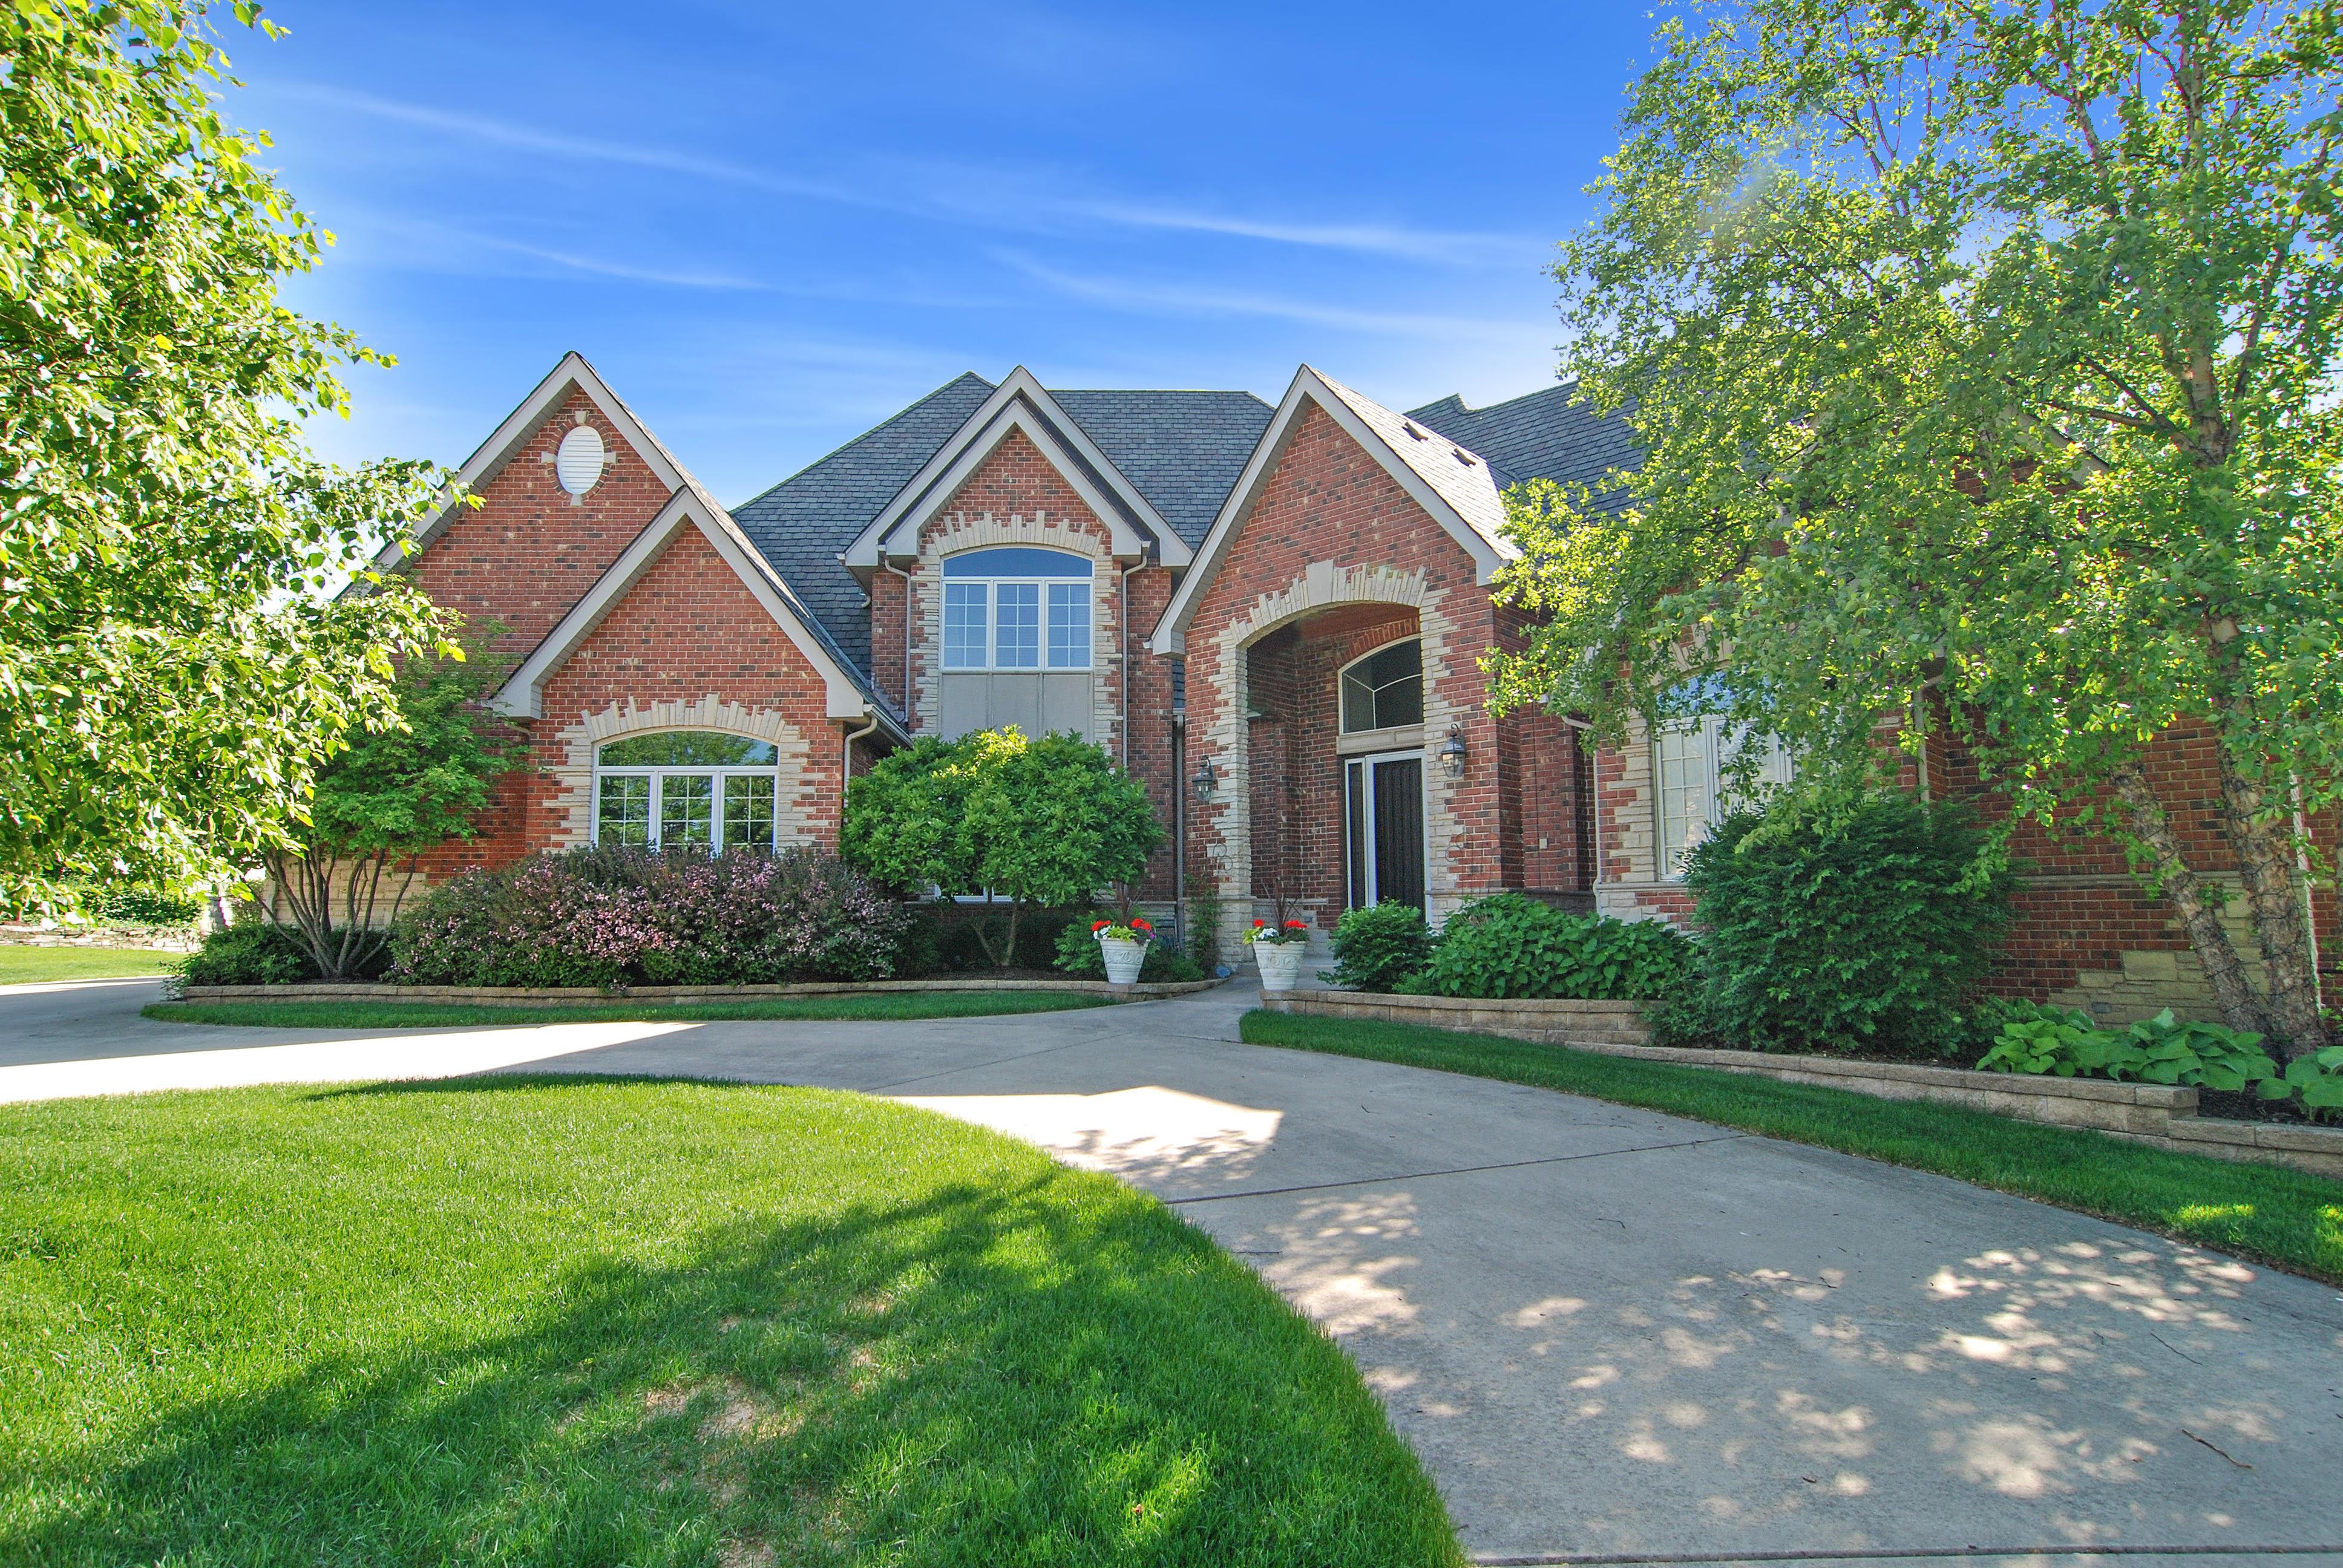 Maison unifamiliale pour l Vente à 8070 Greenbriar Burr Ridge, Illinois, 60527 États-Unis